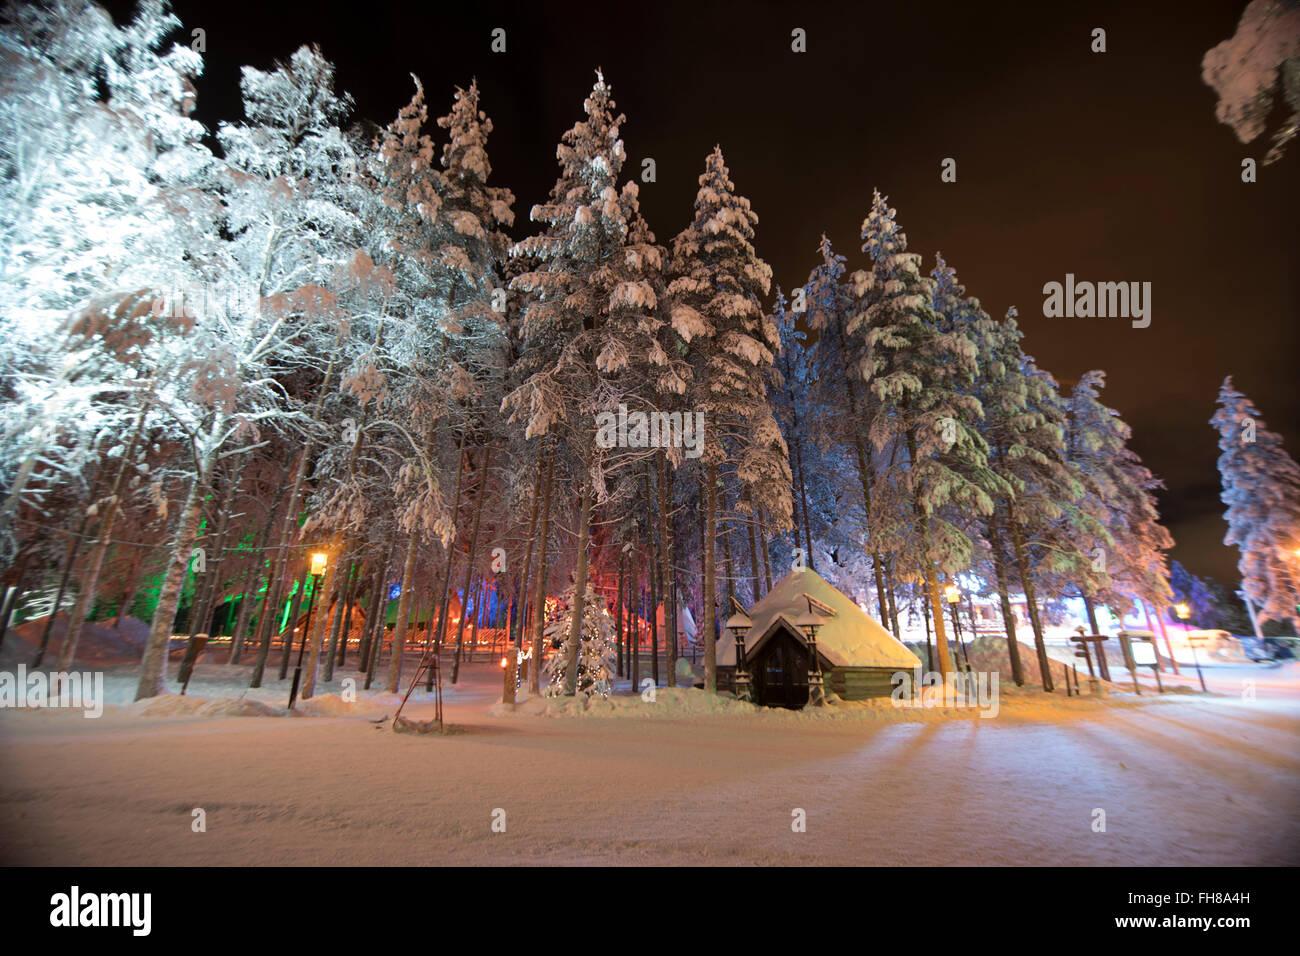 Rovaniemi Finlandia Villaggio Di Babbo Natale.Alberi Al Villaggio Di Babbo Natale A Rovaniemi Finlandia Foto Stock Alamy